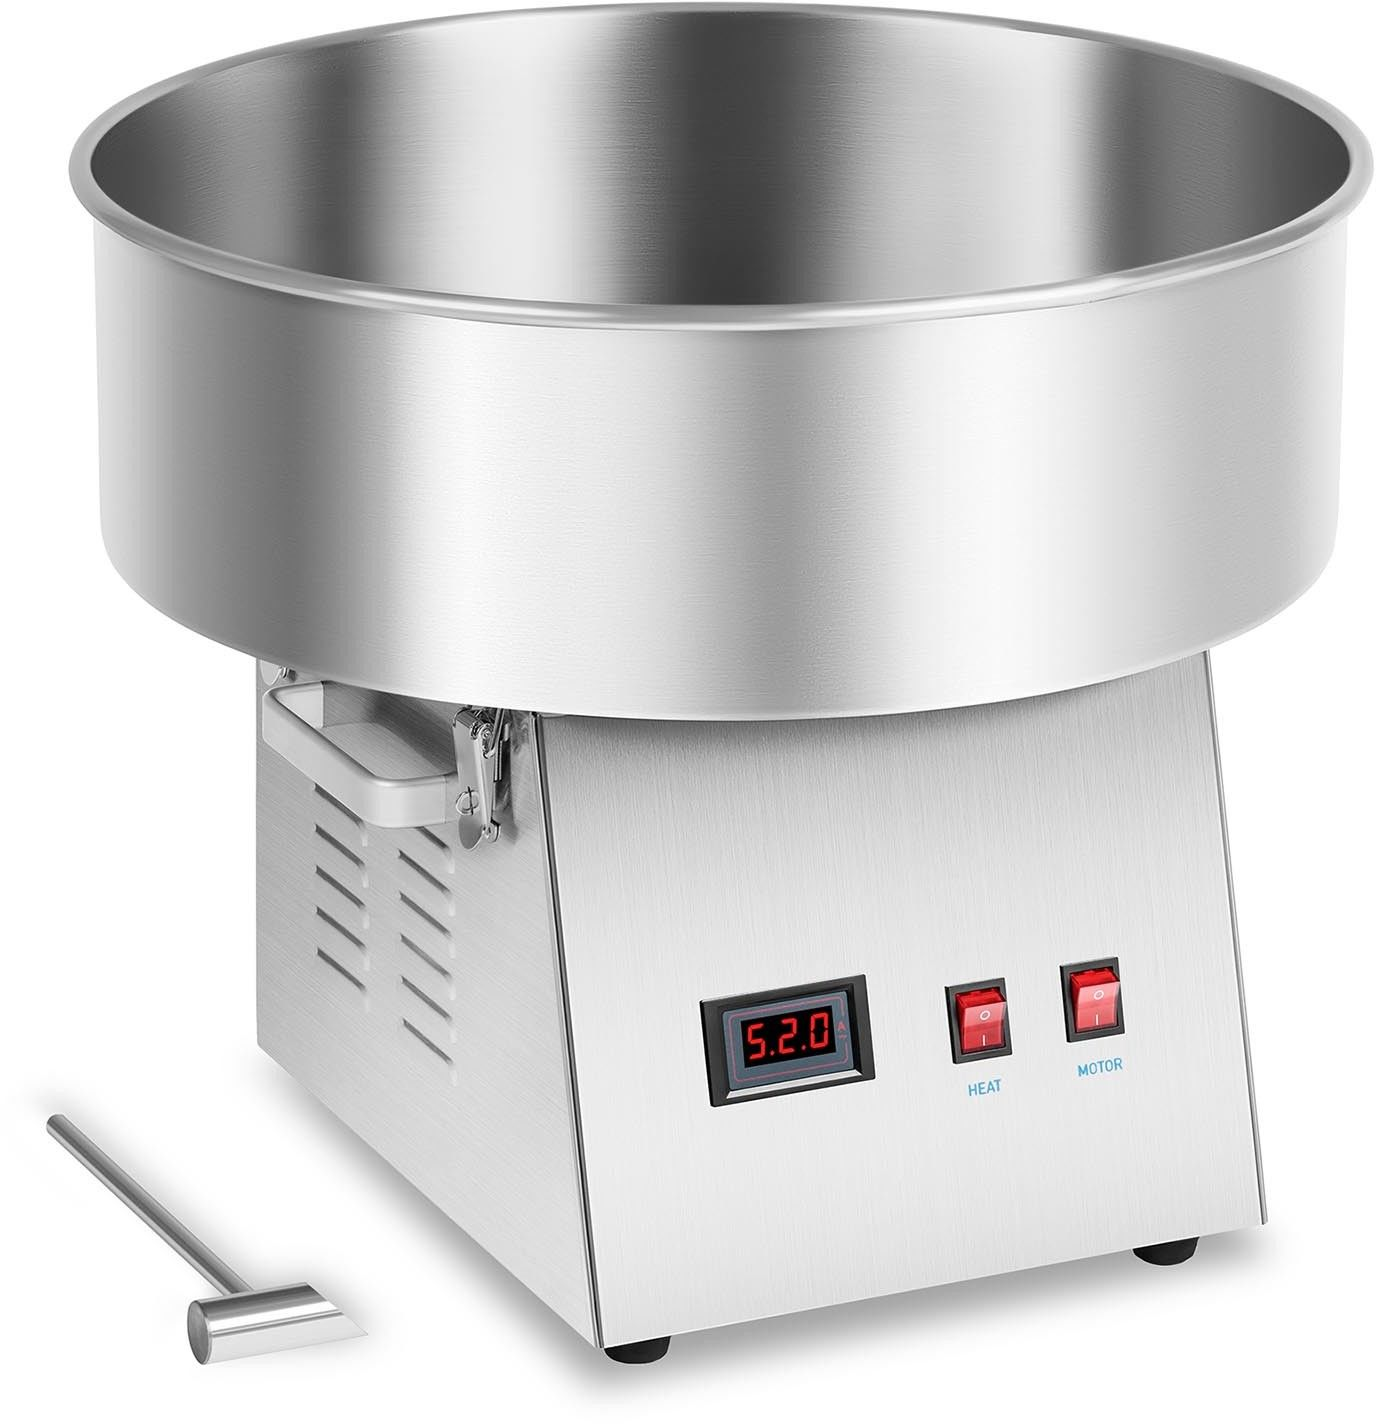 Zestaw Maszyna do waty cukrowej - 52 cm - LED + Pokrywa - akryl + Świecące pałeczki - LED - 50 szt. - Royal Catering - RCZK-1030-W SET2 - 3 lata